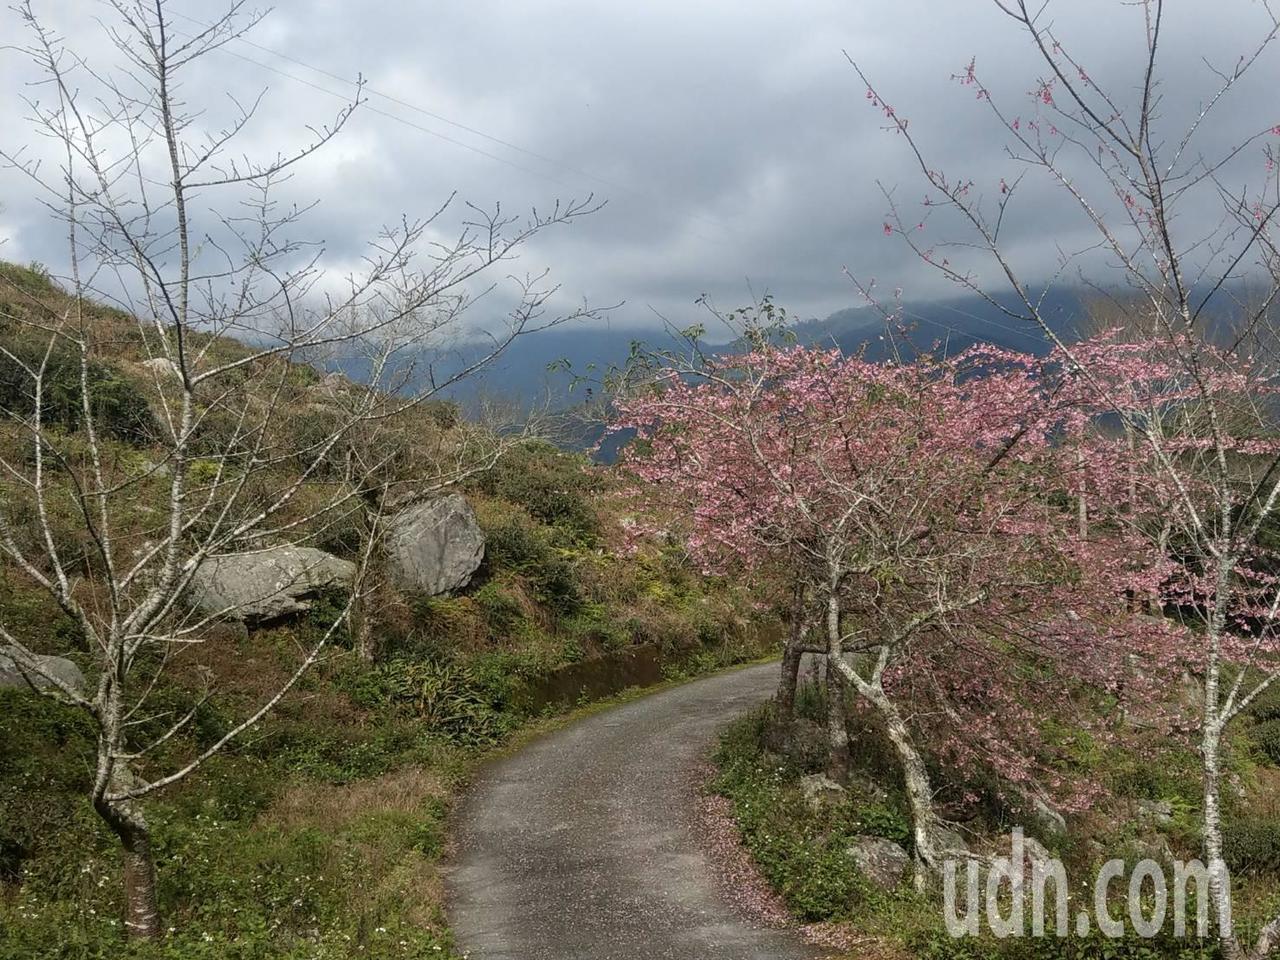 金針山望幽谷和雙乳峰較高山區的櫻花開了,民眾可以開始上山賞櫻。記者尤聰光/攝影